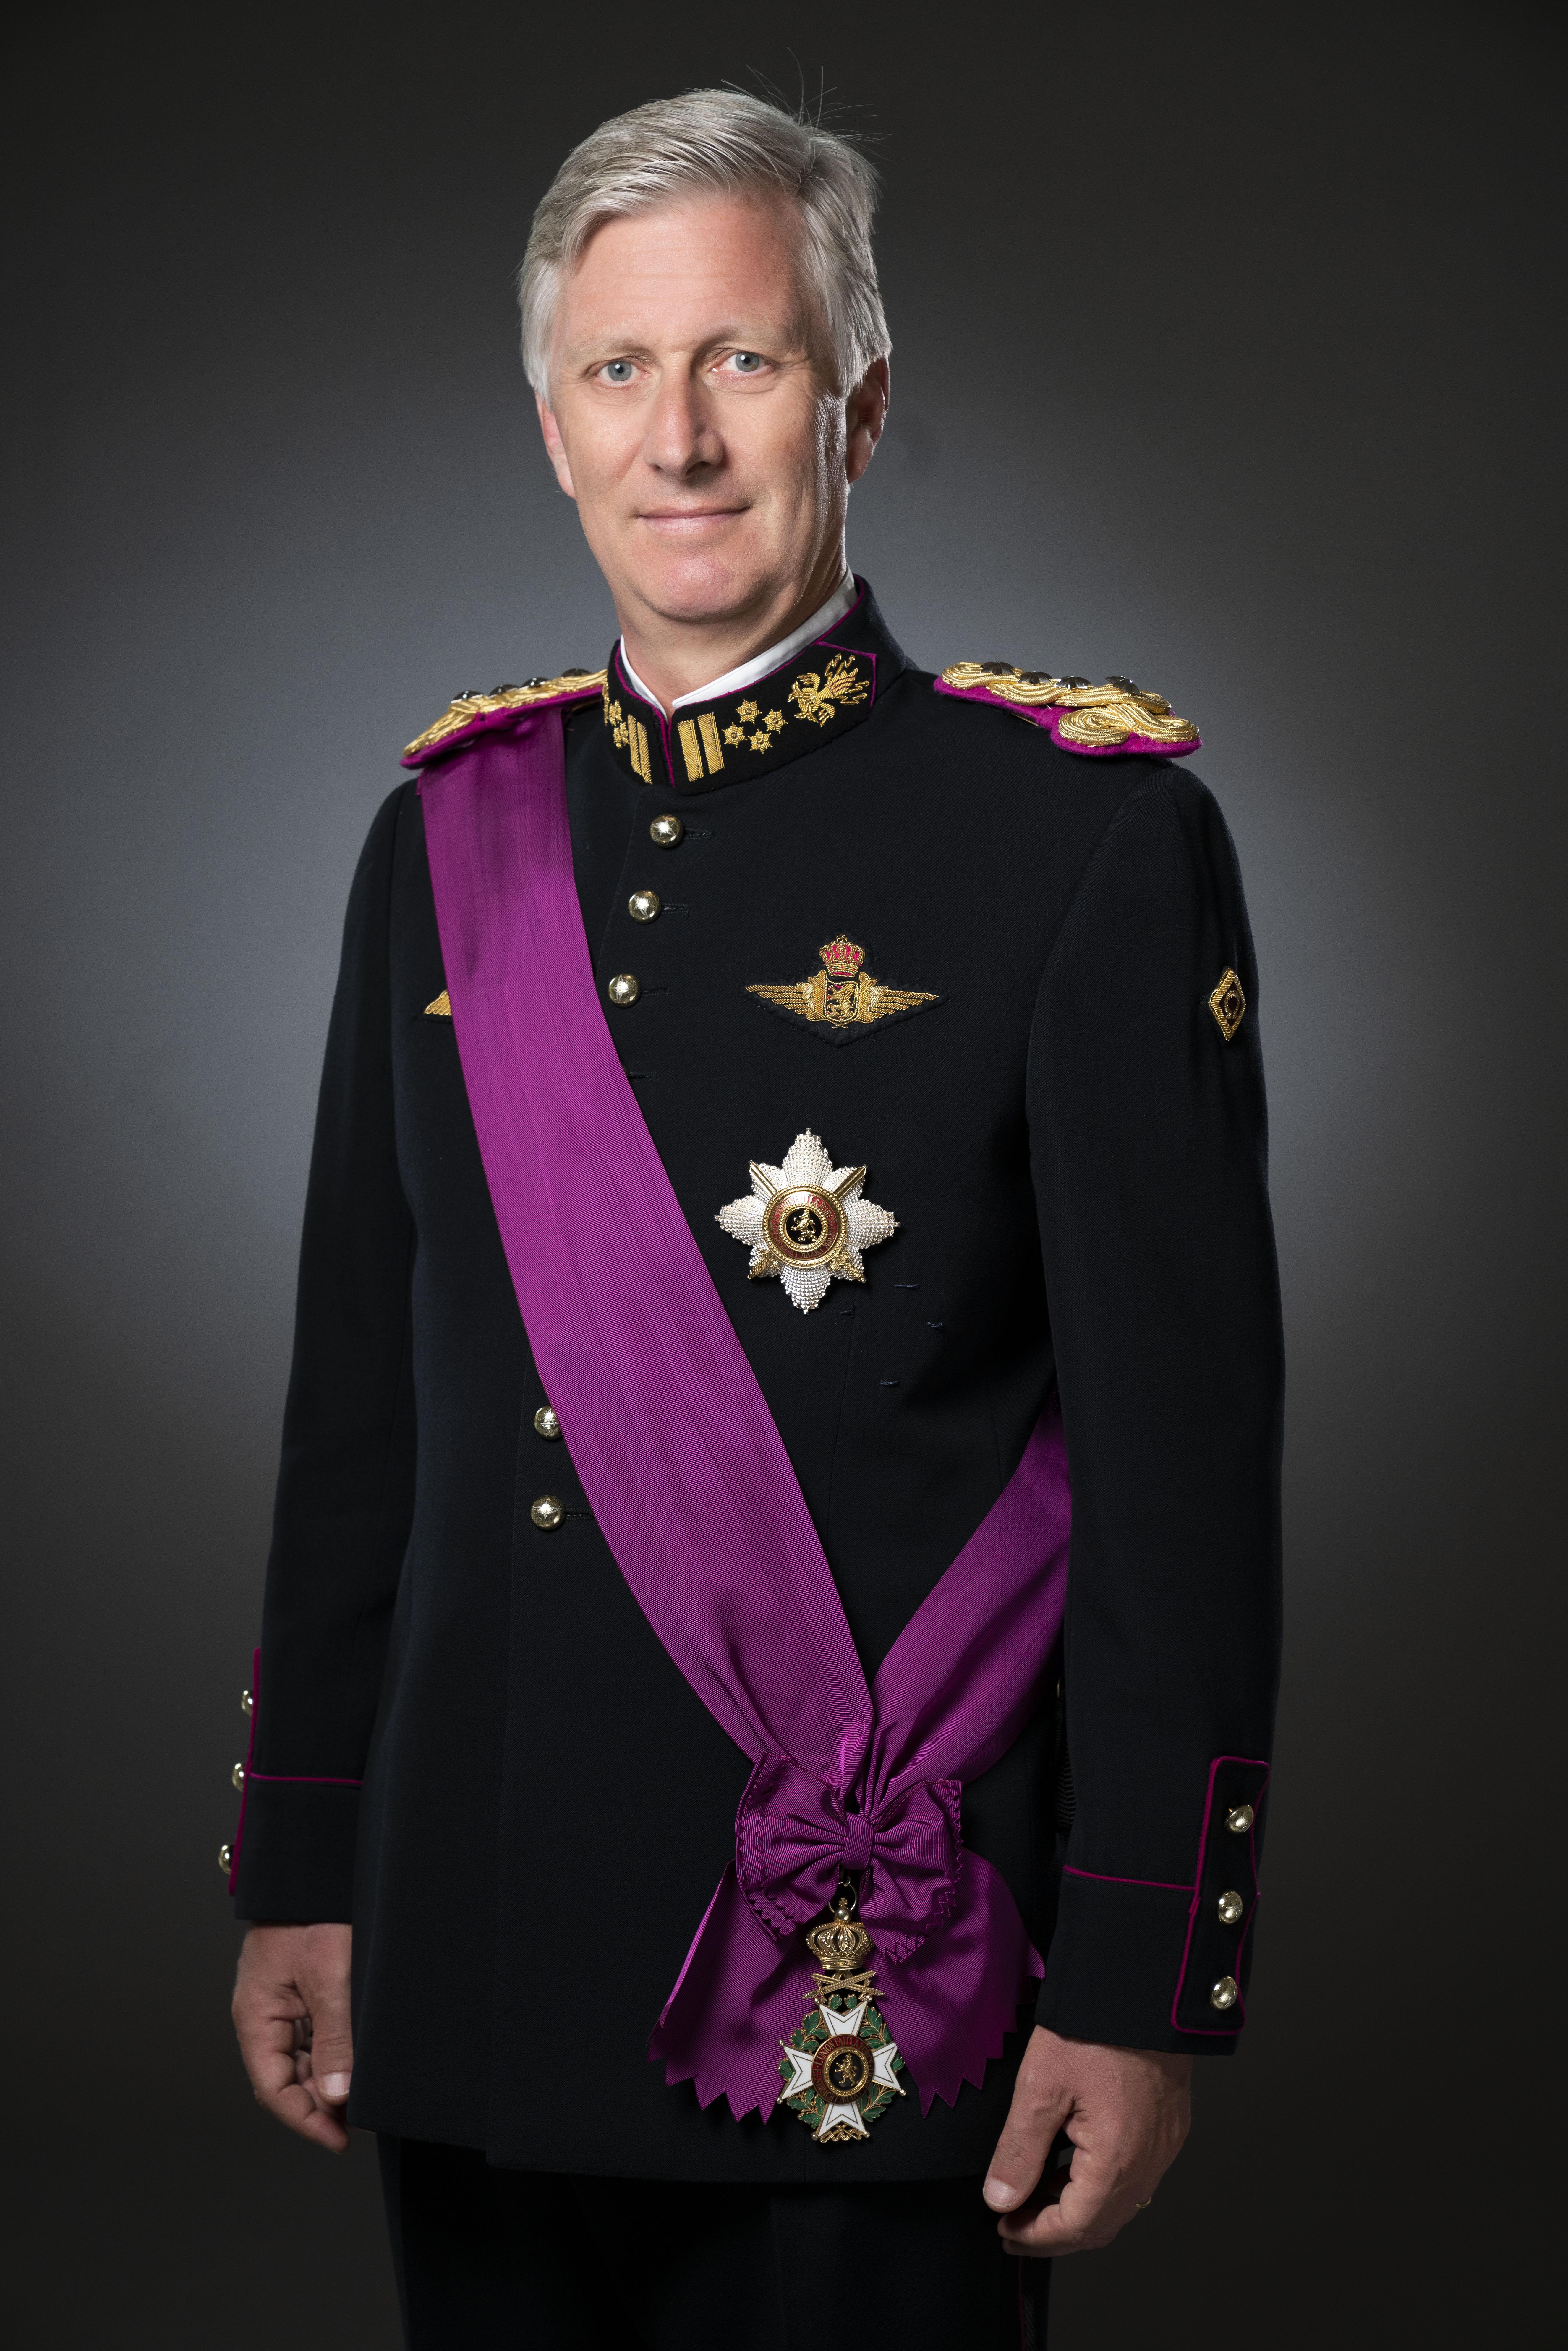 Кому из современных монархов мундир к лицу?